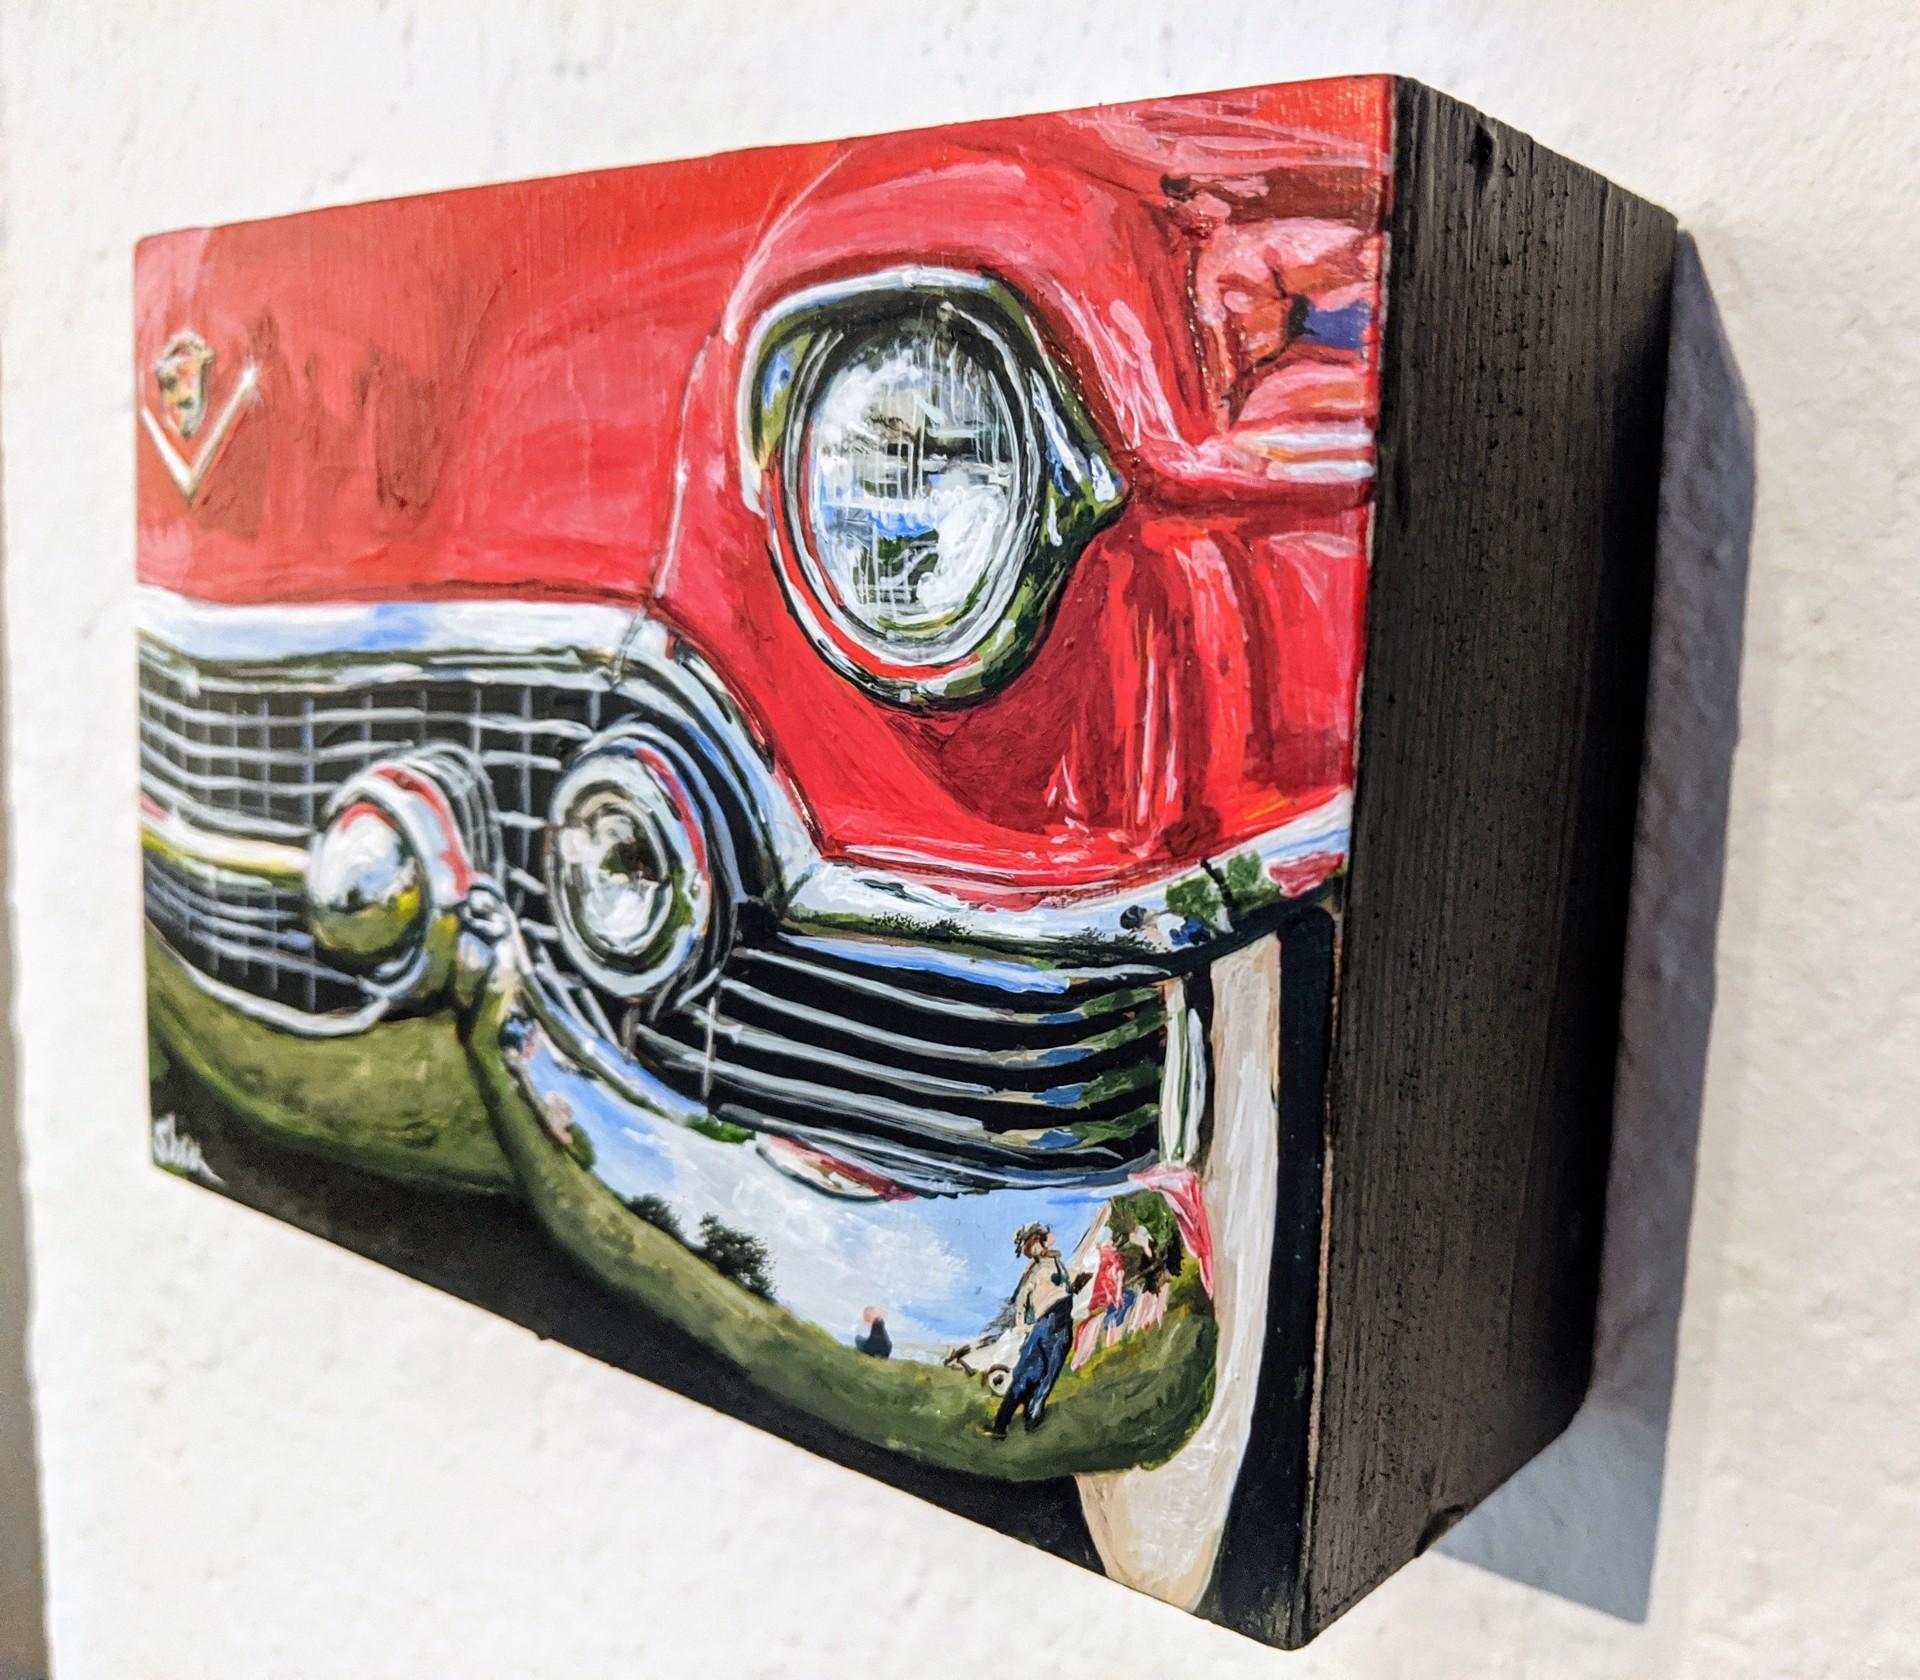 1954 Cadillac Fleetwood by Shan Fannin